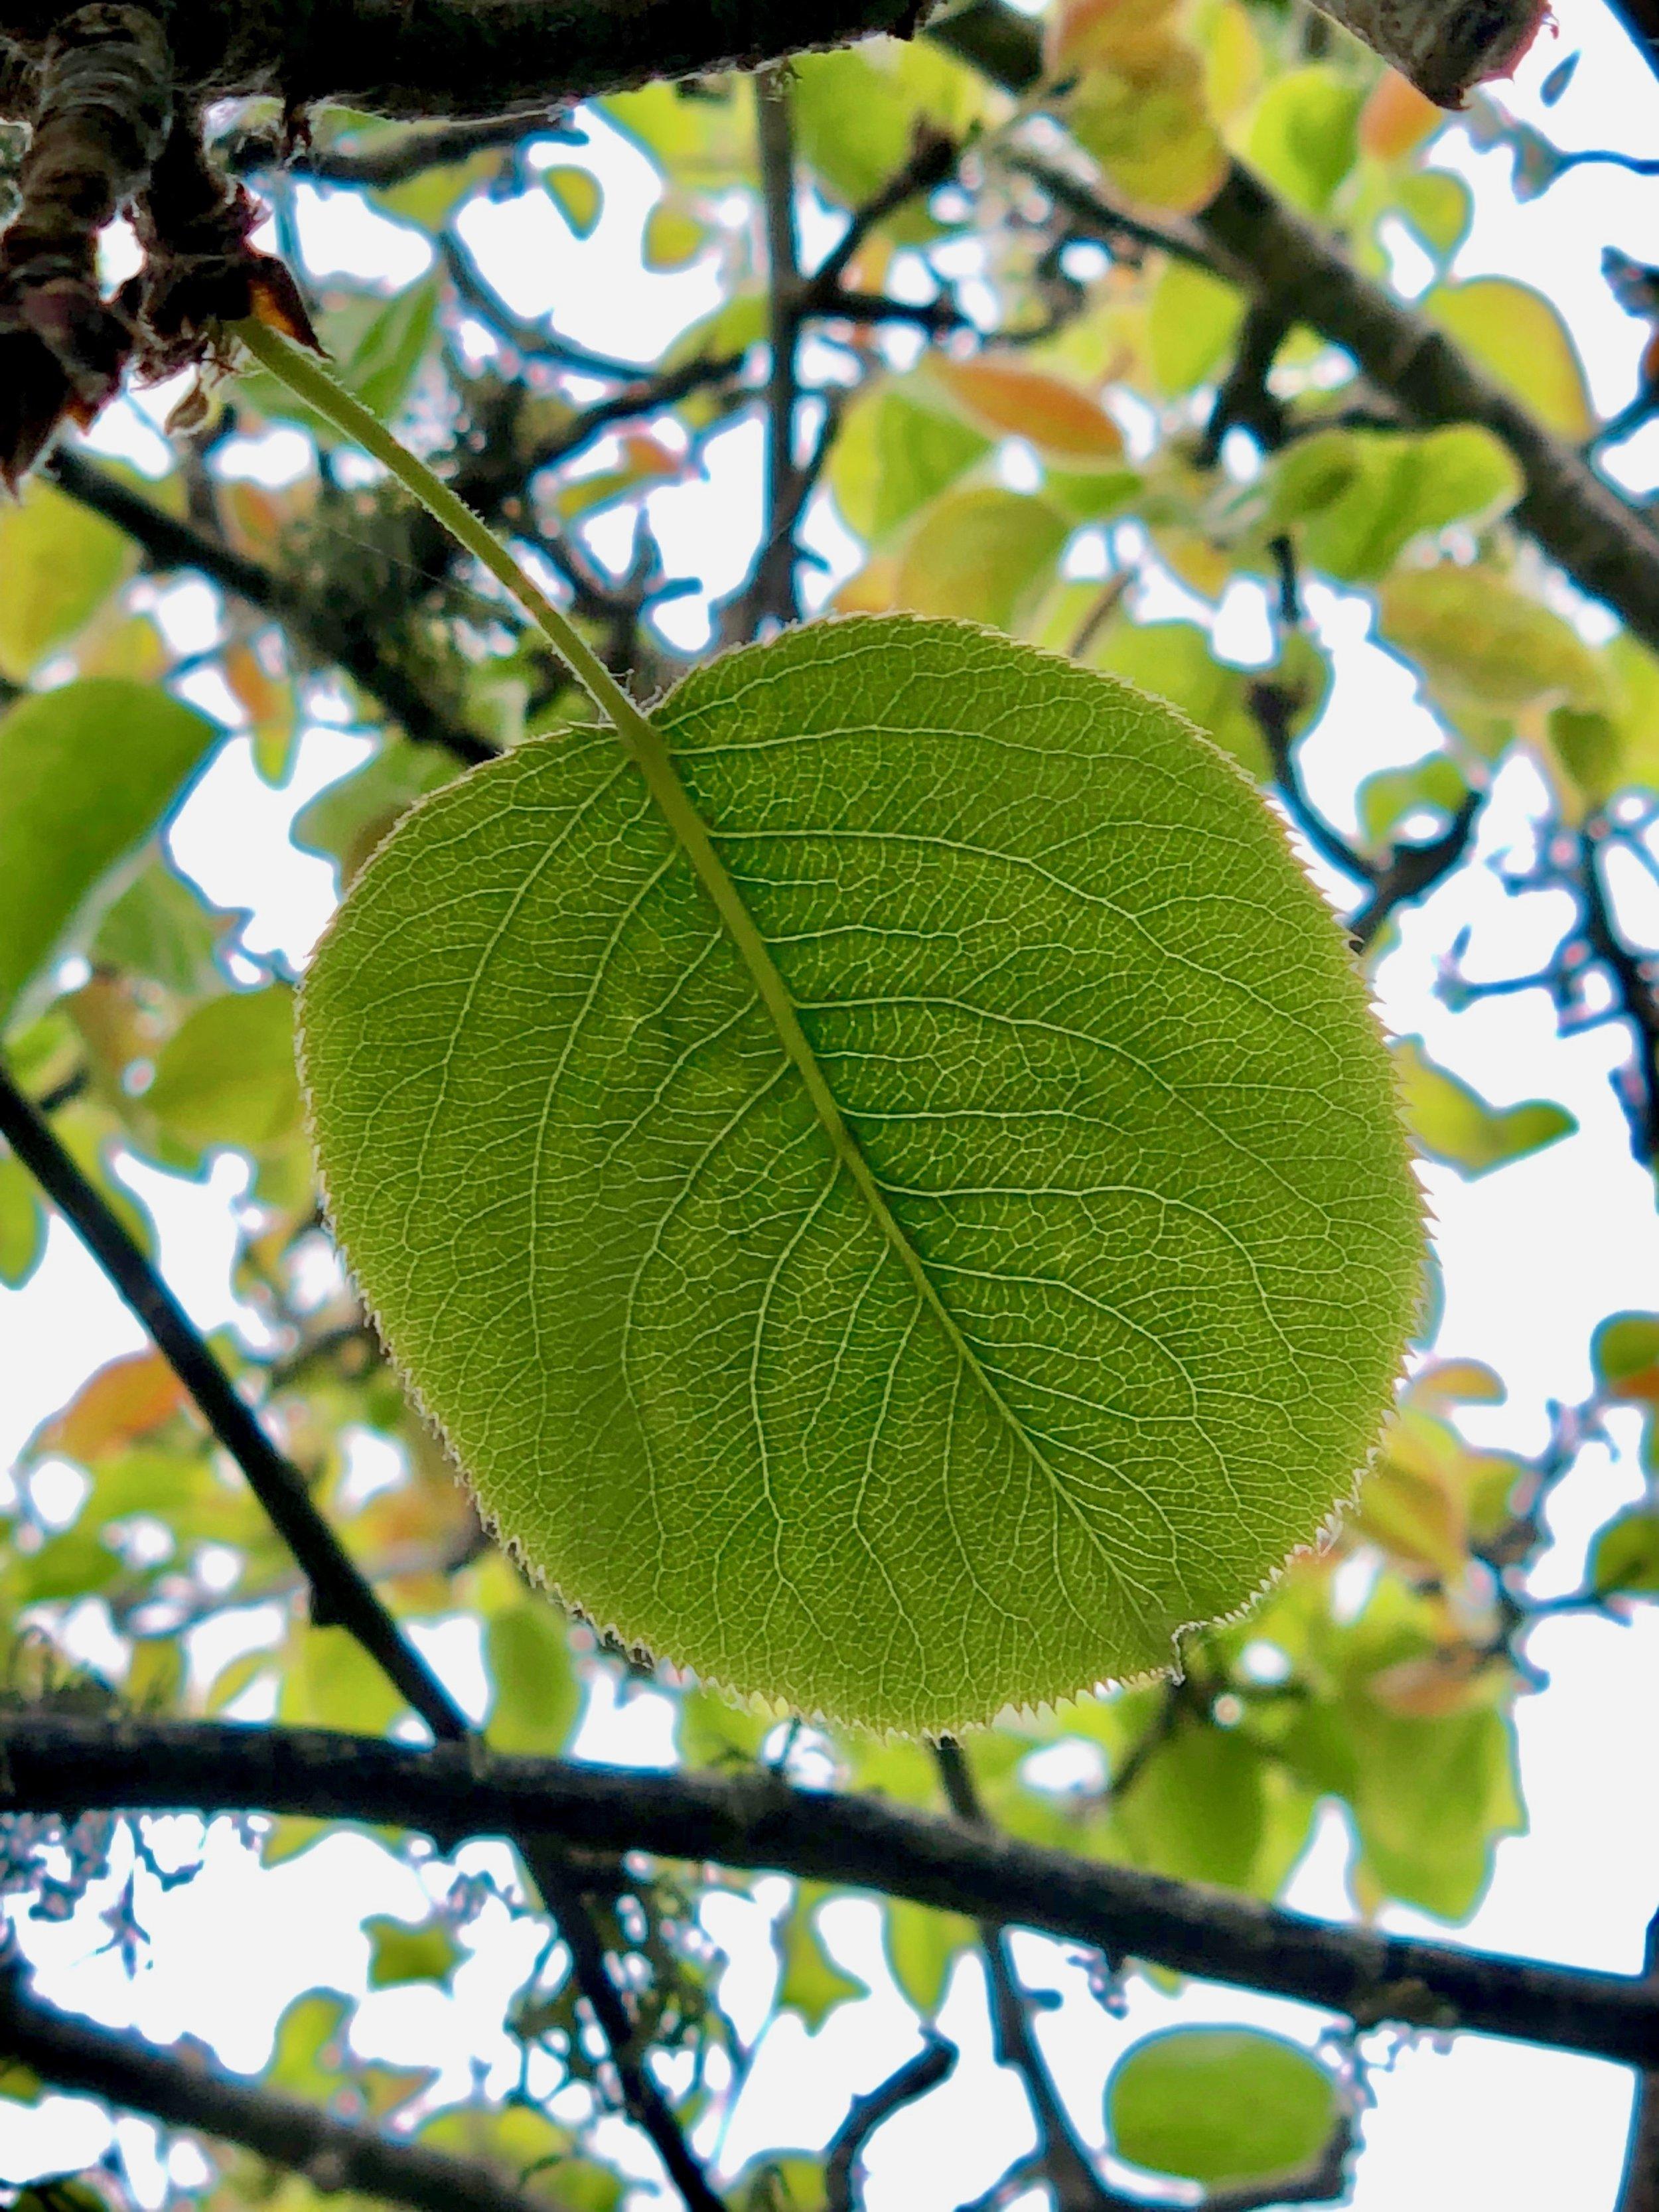 Stealing Mulberries poem image by Veronica Kornberg